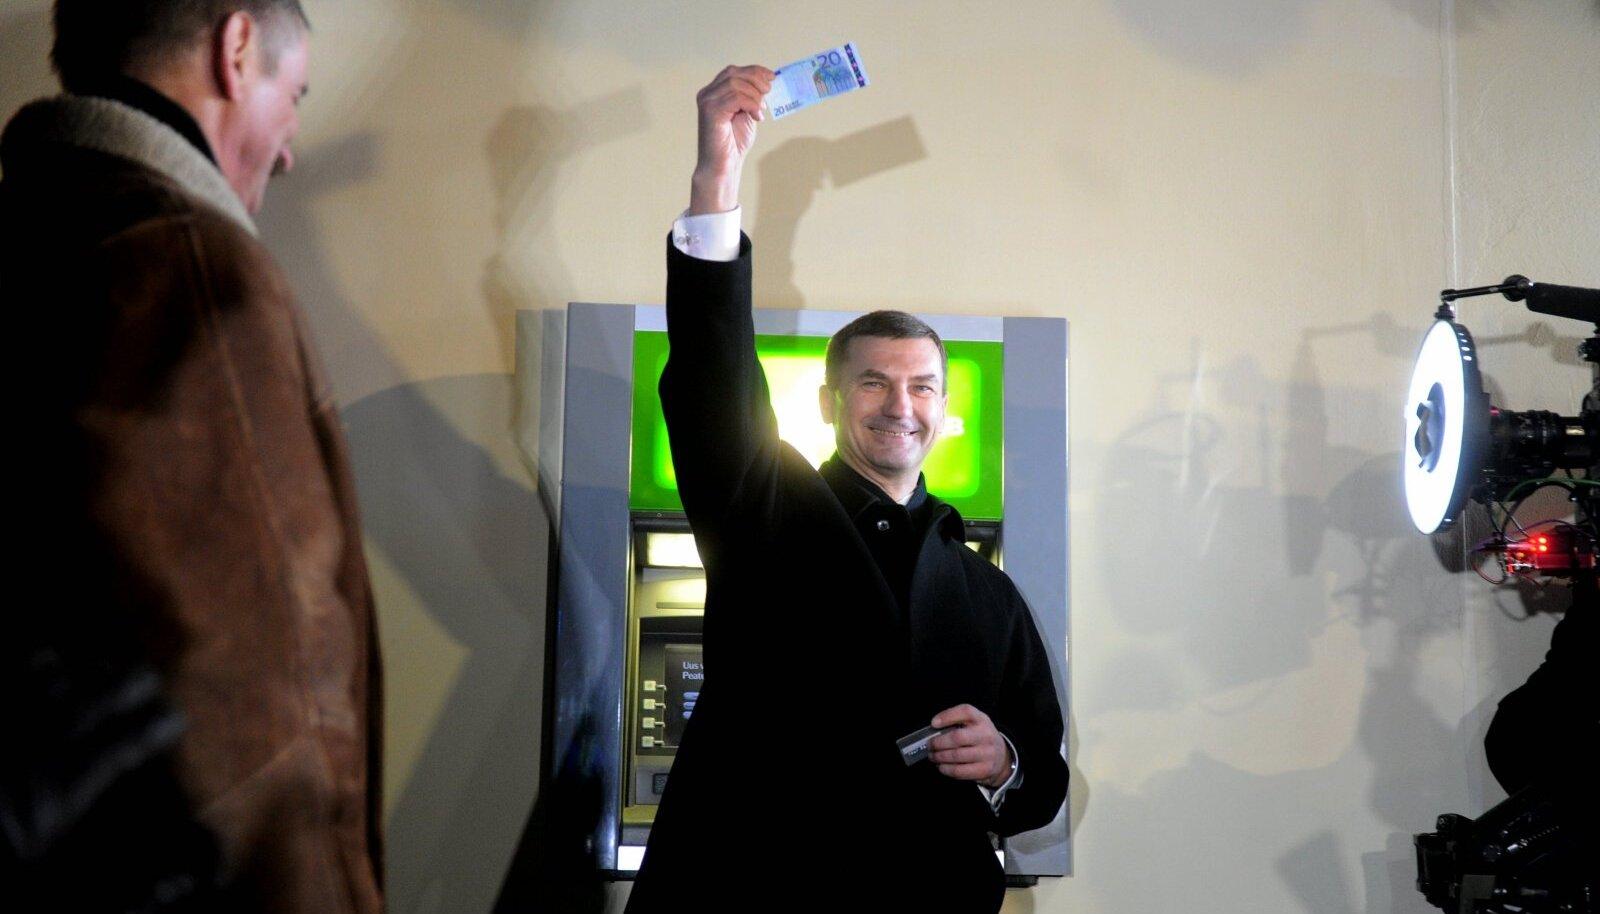 Esimesed eurod võttis automaadist toonane peaminister Andrus Ansip